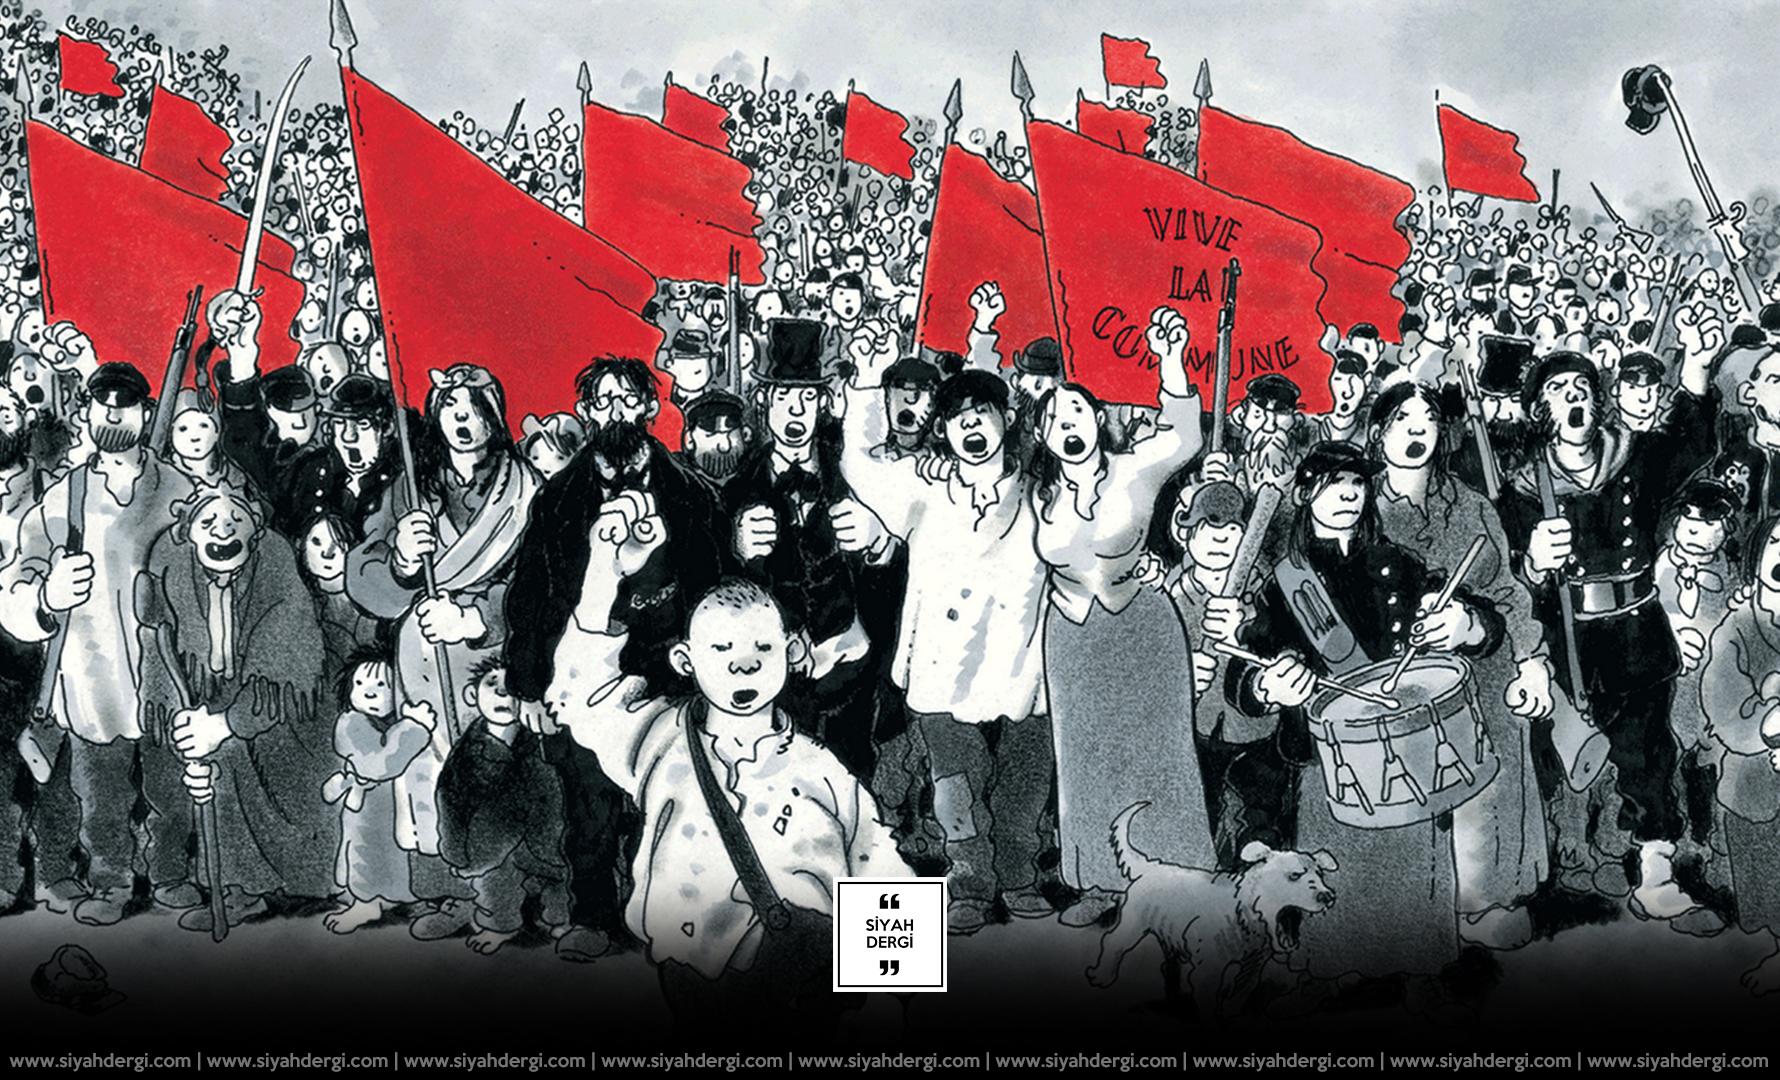 26 Mart 1871: Paris Komün Ayaklanması